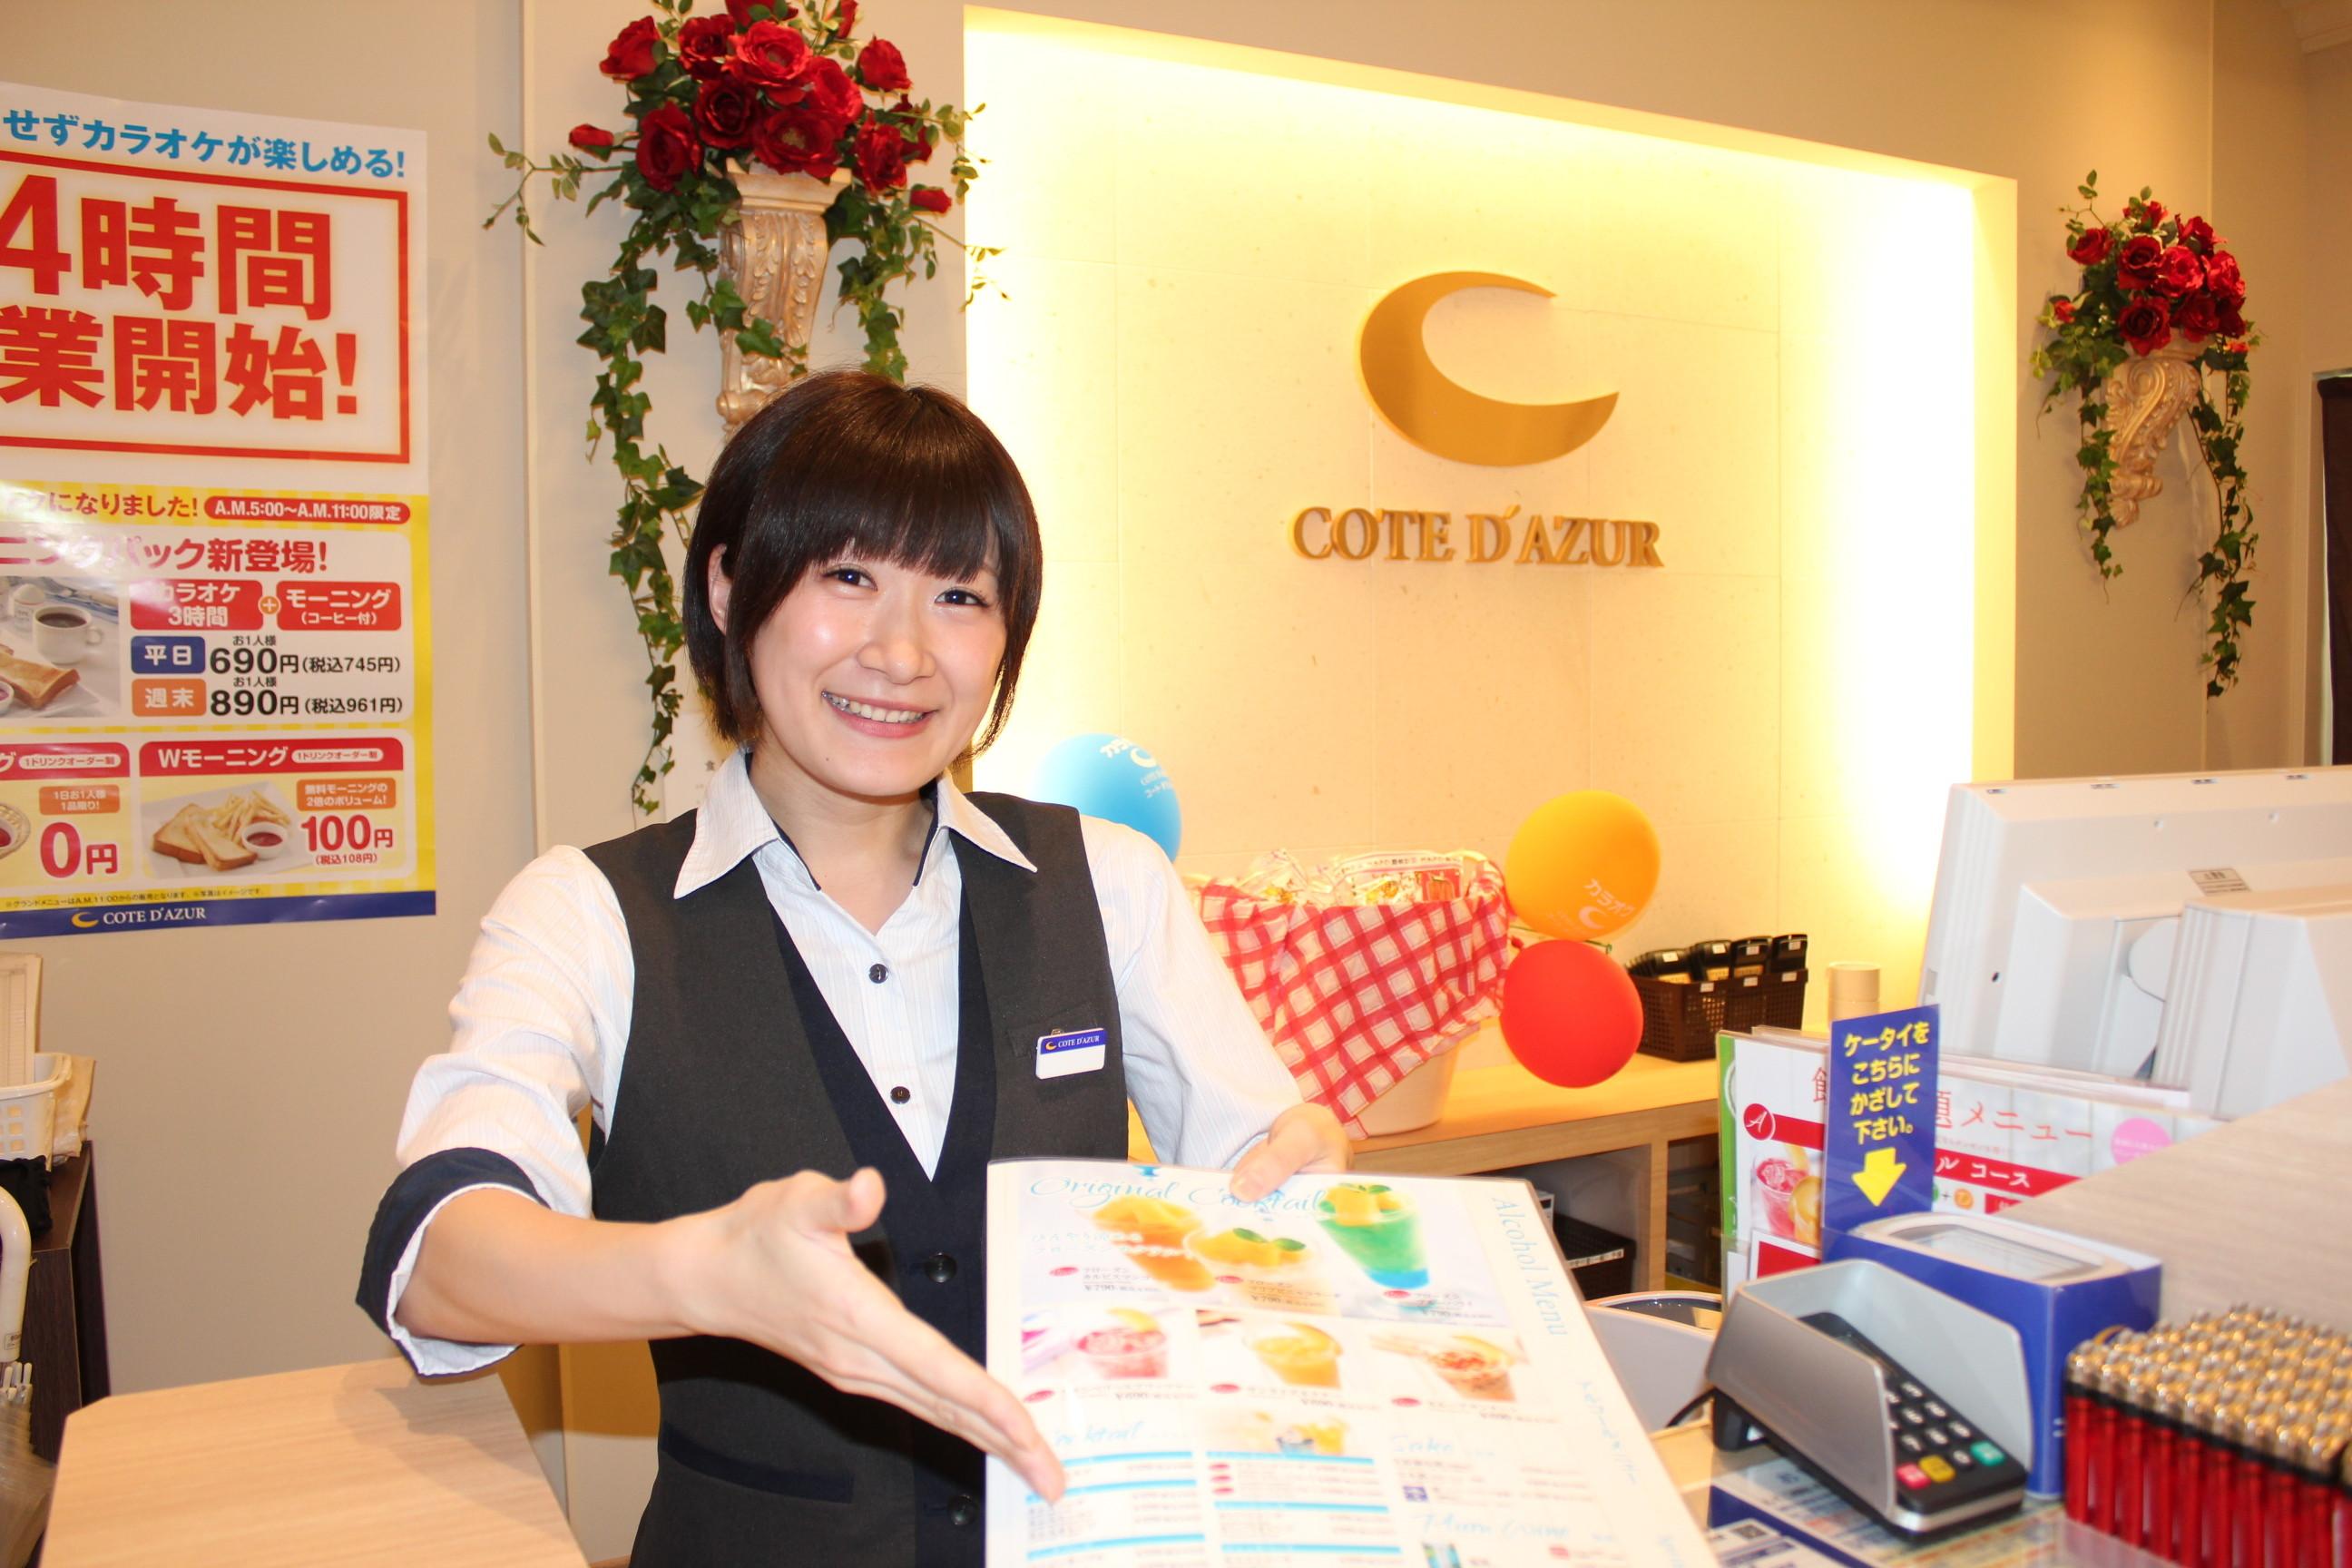 コート・ダジュール 信州中野店 のアルバイト情報